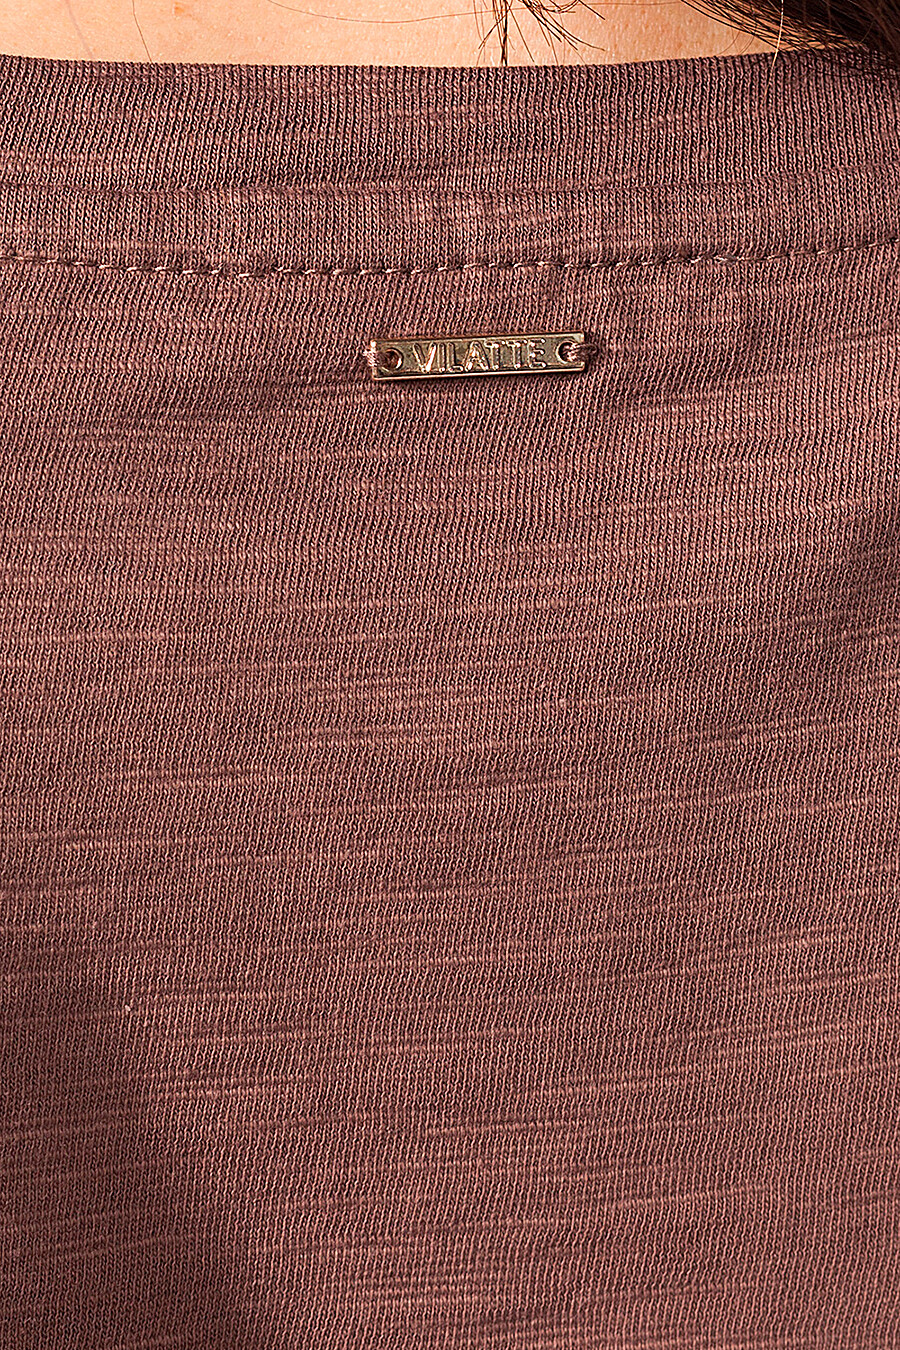 Футболка для женщин VILATTE 668647 купить оптом от производителя. Совместная покупка женской одежды в OptMoyo